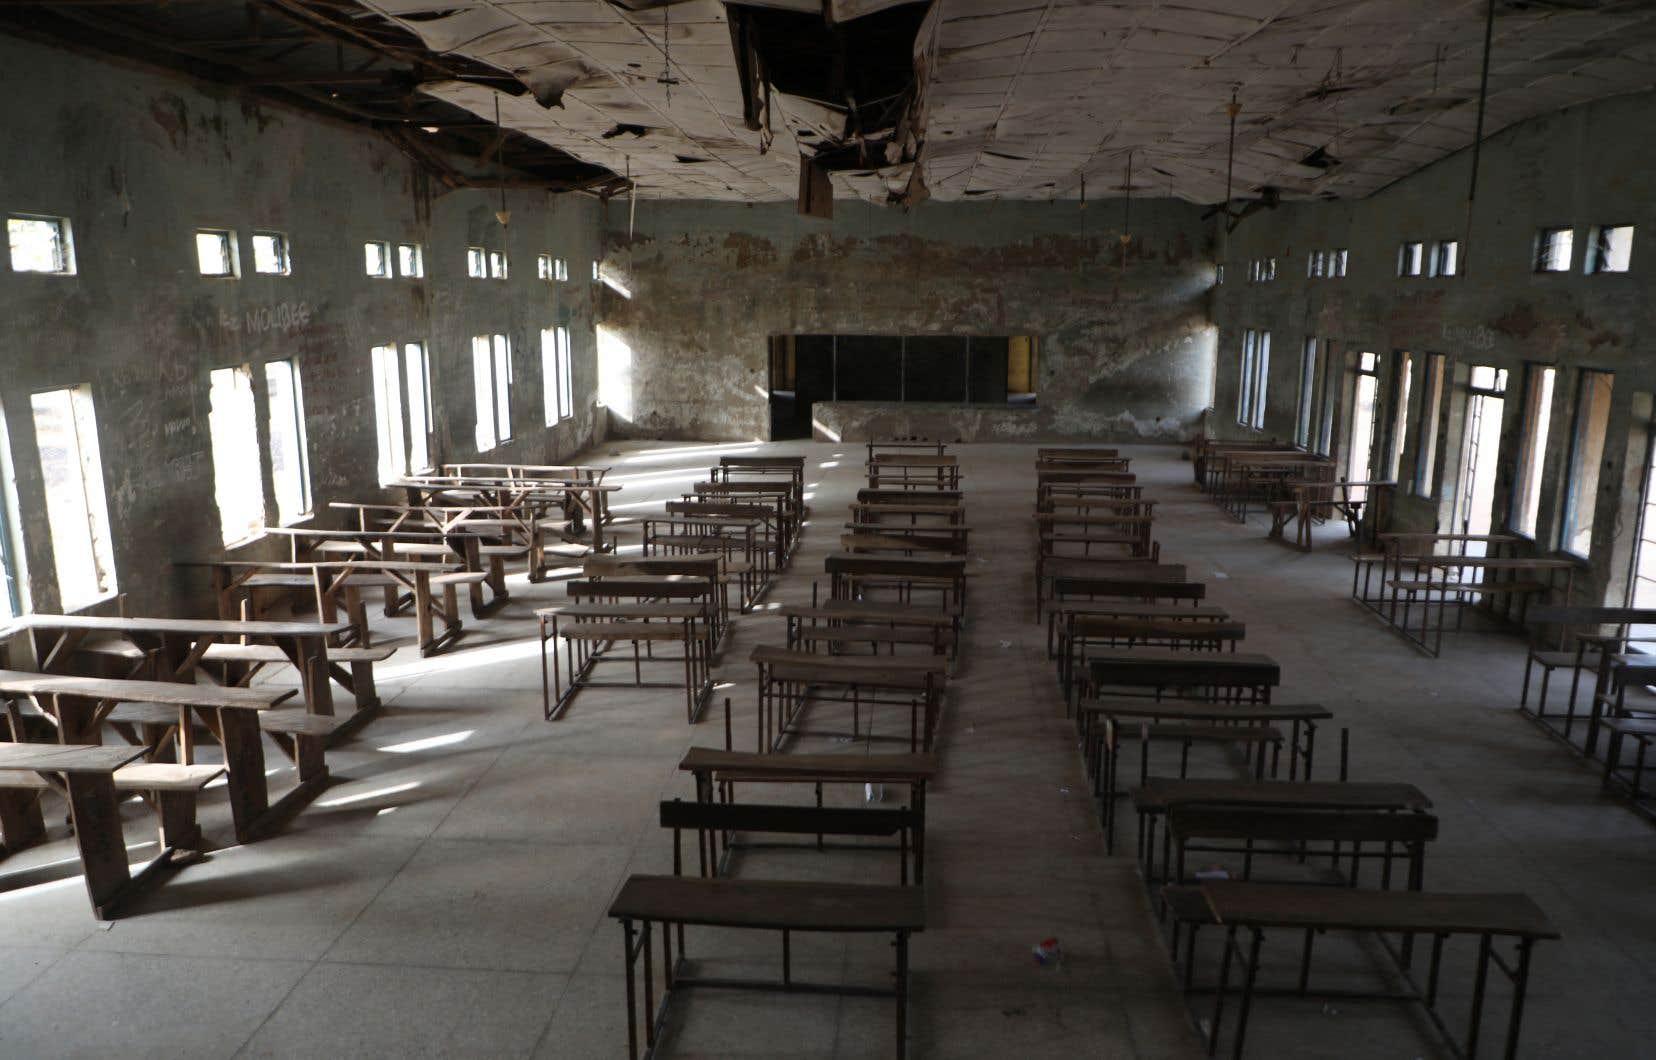 Il y a neuf jours, des hommes armés ont envahi un pensionnat à Kagara situé dans l'État voisin du Niger, où 42 personnes, dont 27 élèves, ont été kidnappées.